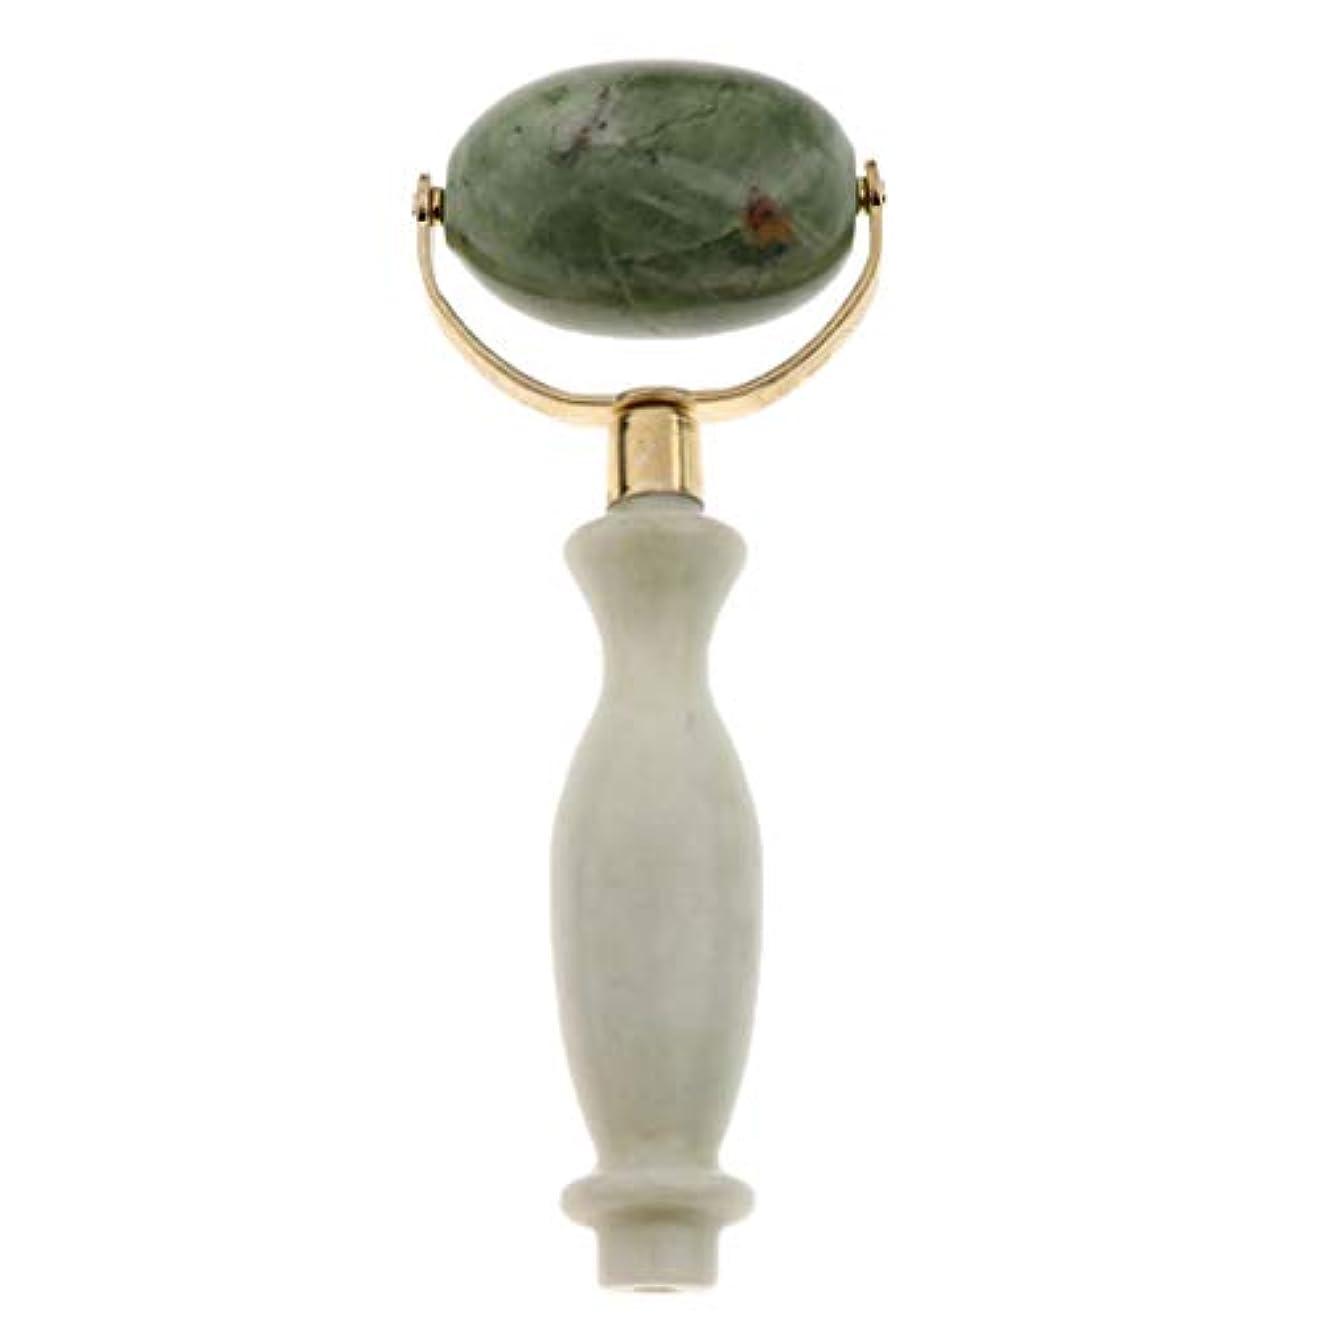 策定する農業ひねくれた美容ローラー 美顔ローラー フェイシャル マッサージ 美顔器 美肌 天然 翡翠石 2種選ぶ 健康 - スタイル2